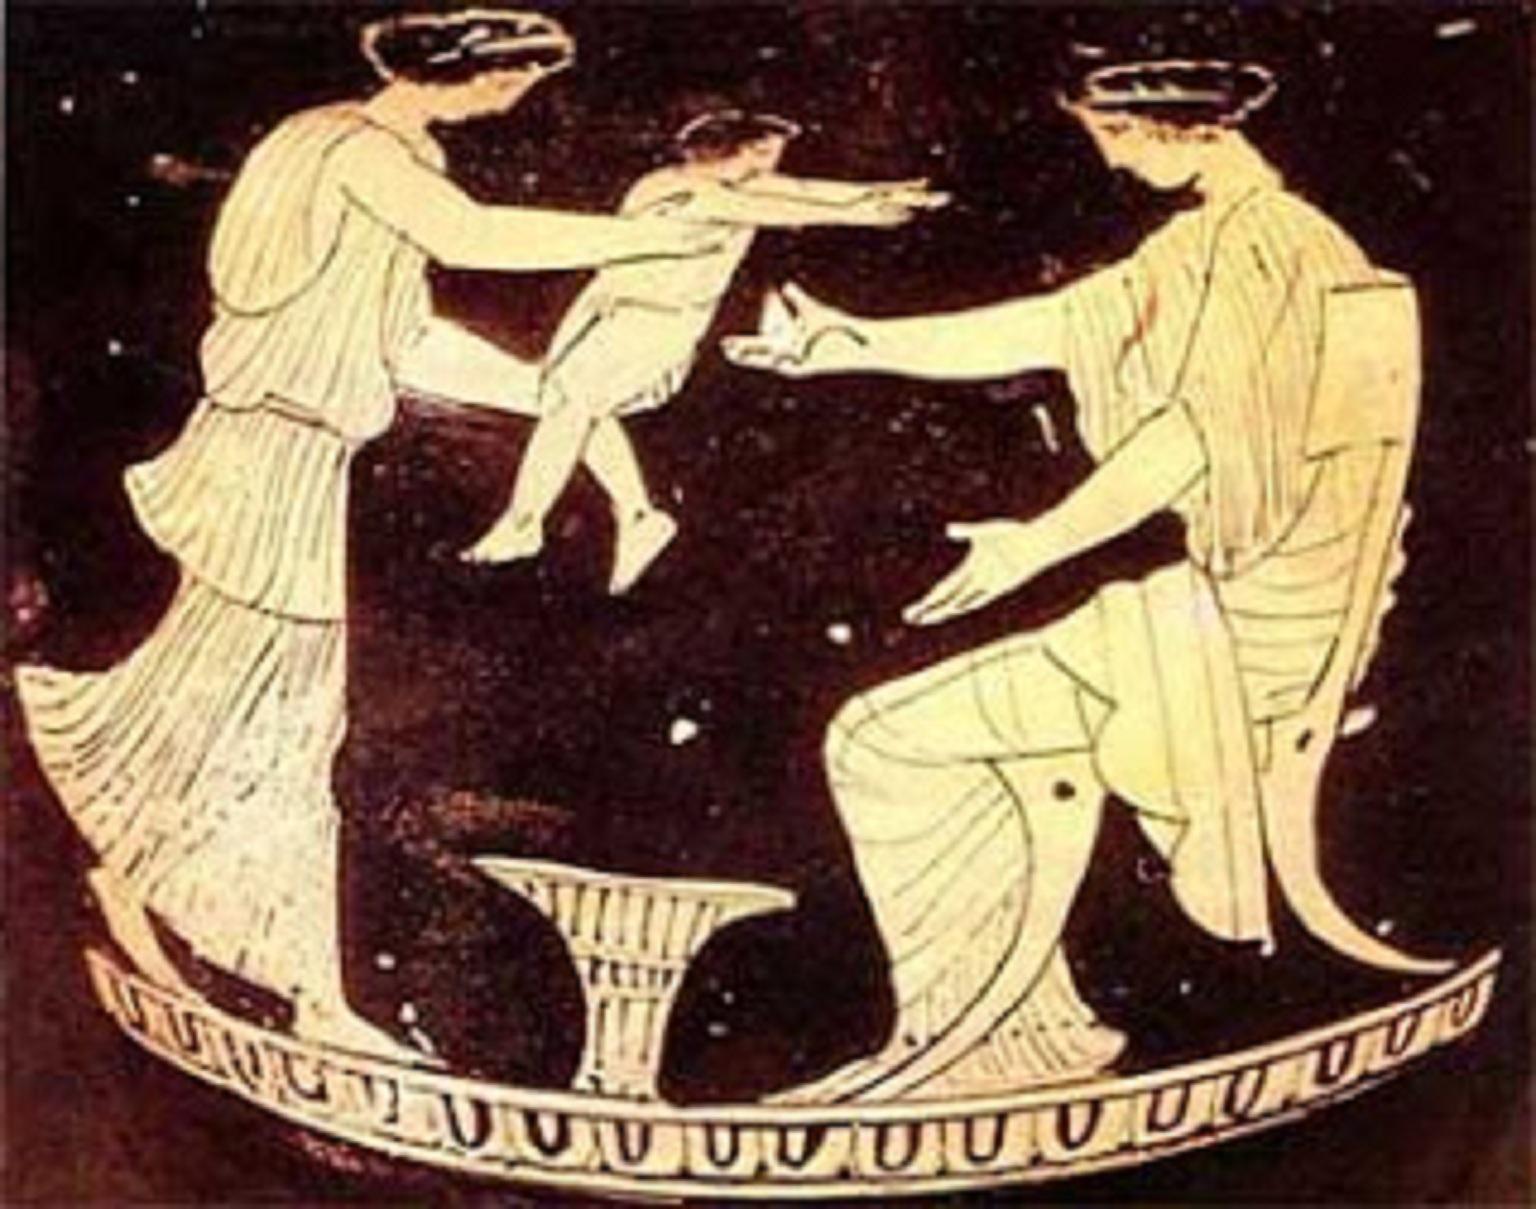 Μία ἡμέρα ἀπό τή ζωή ἑνός ἀρχαίου Ἀθηναίου καί μίας Ἀθηναίας.27